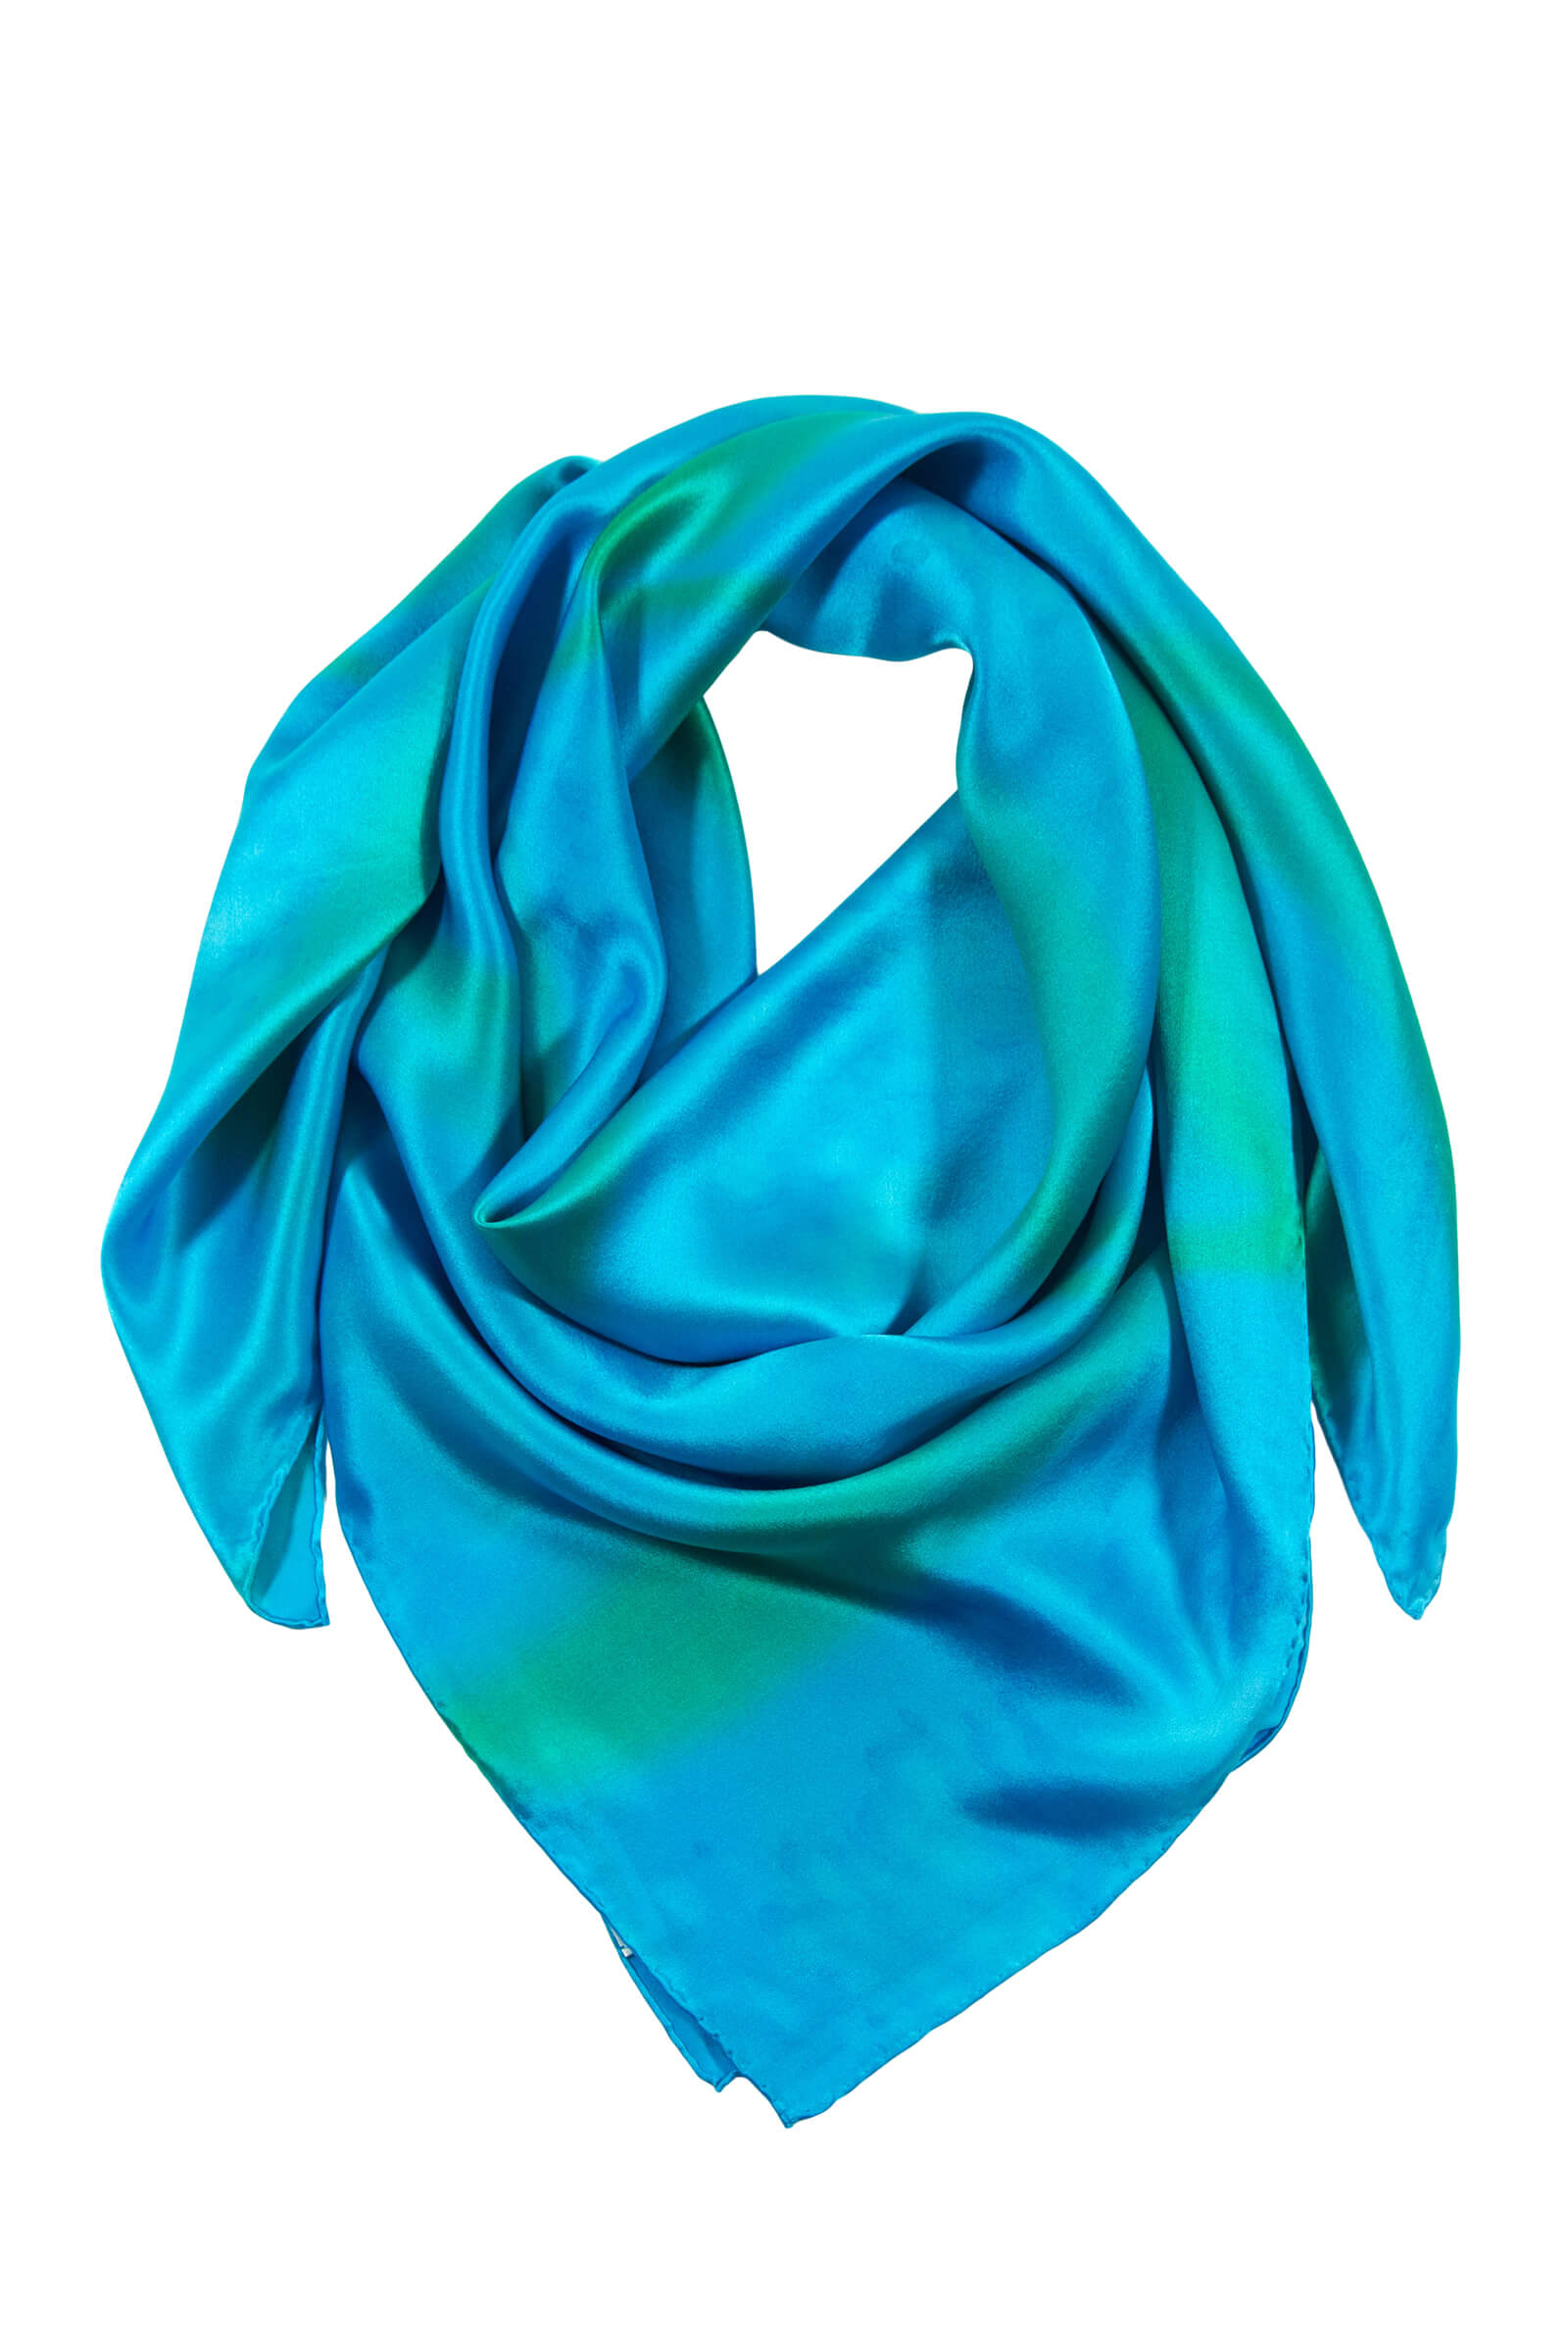 celestial delight: blue scarf teopksb